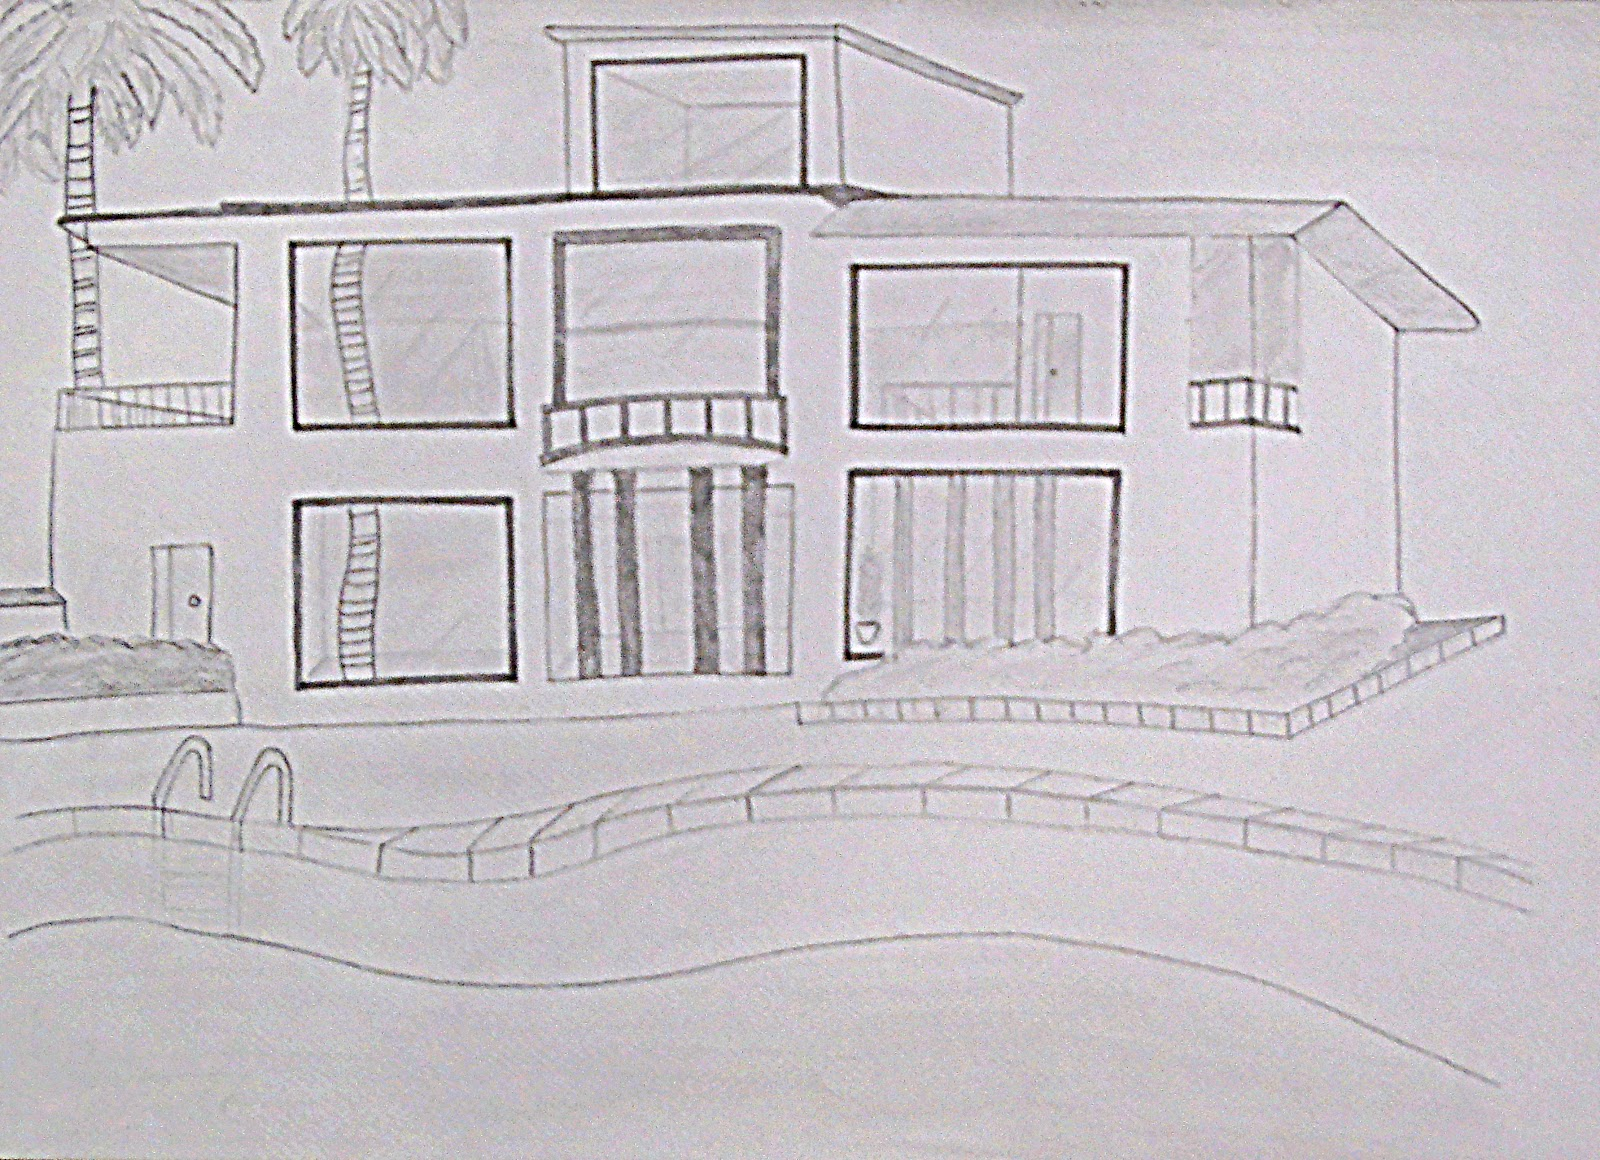 Bocetos a lapiz de casas imagui - Casas dibujadas a lapiz ...